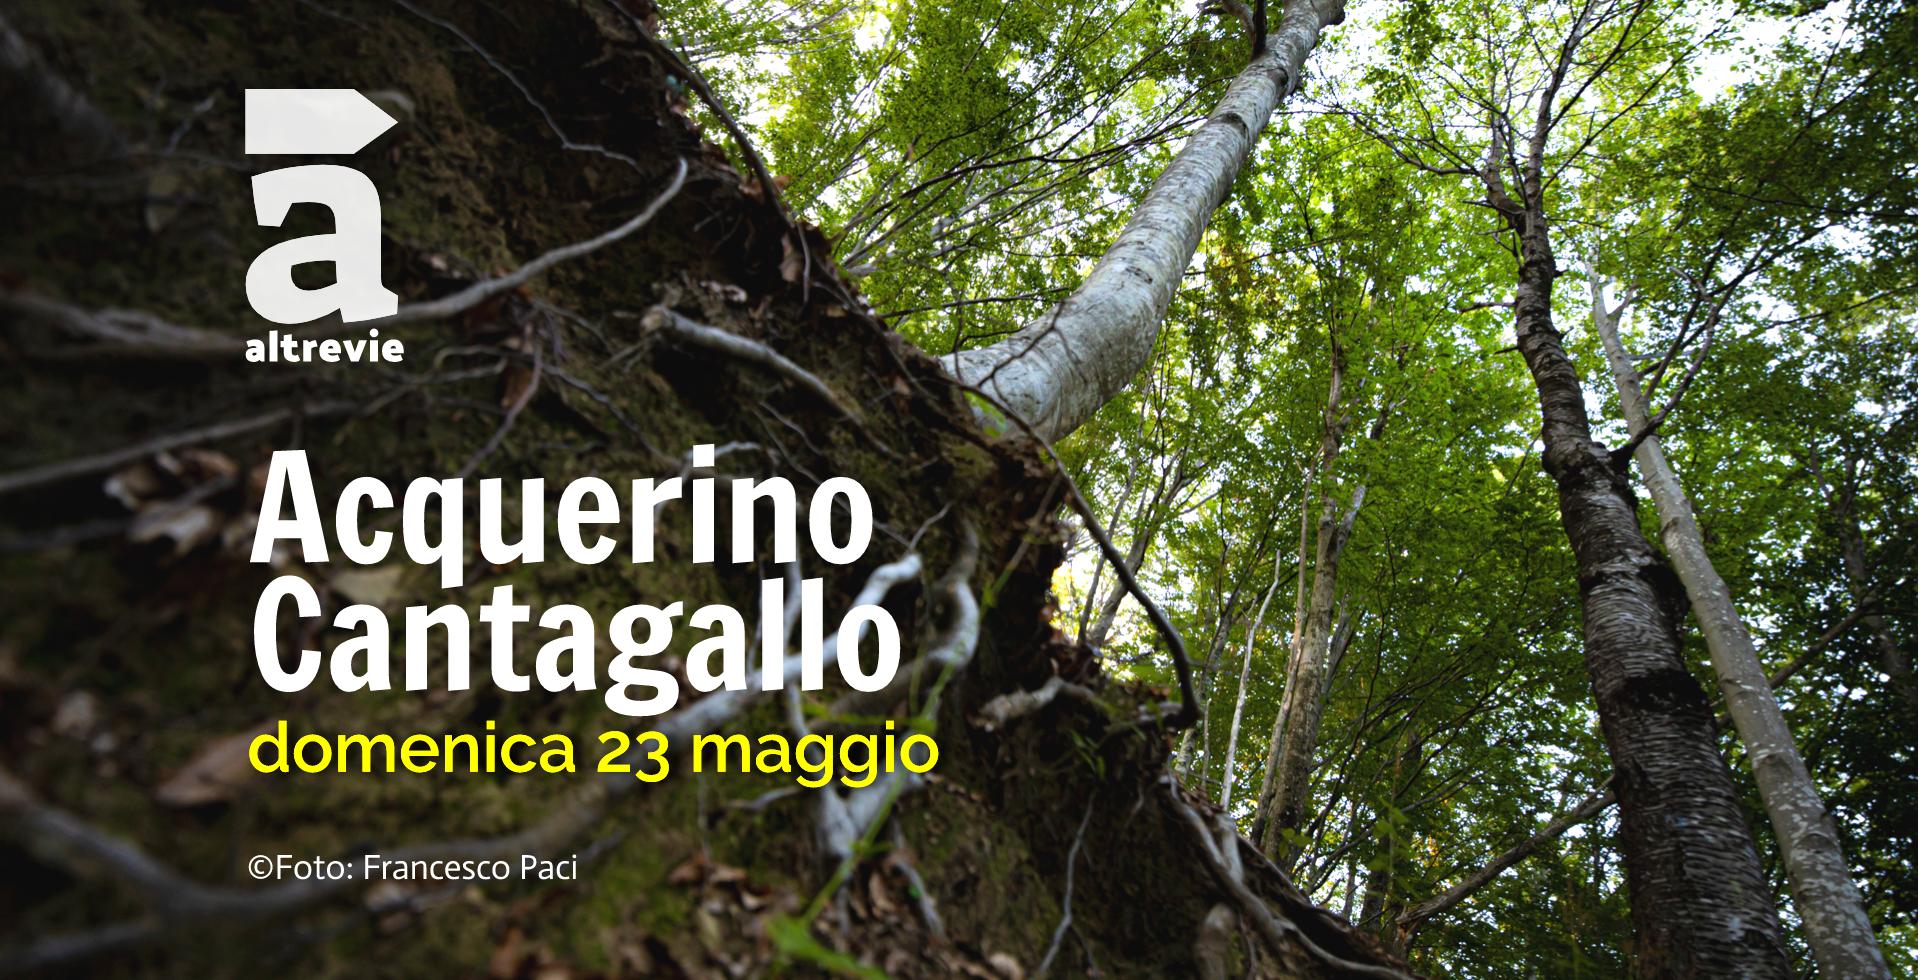 AcquerinoCantagallo_2020 (1).jpg